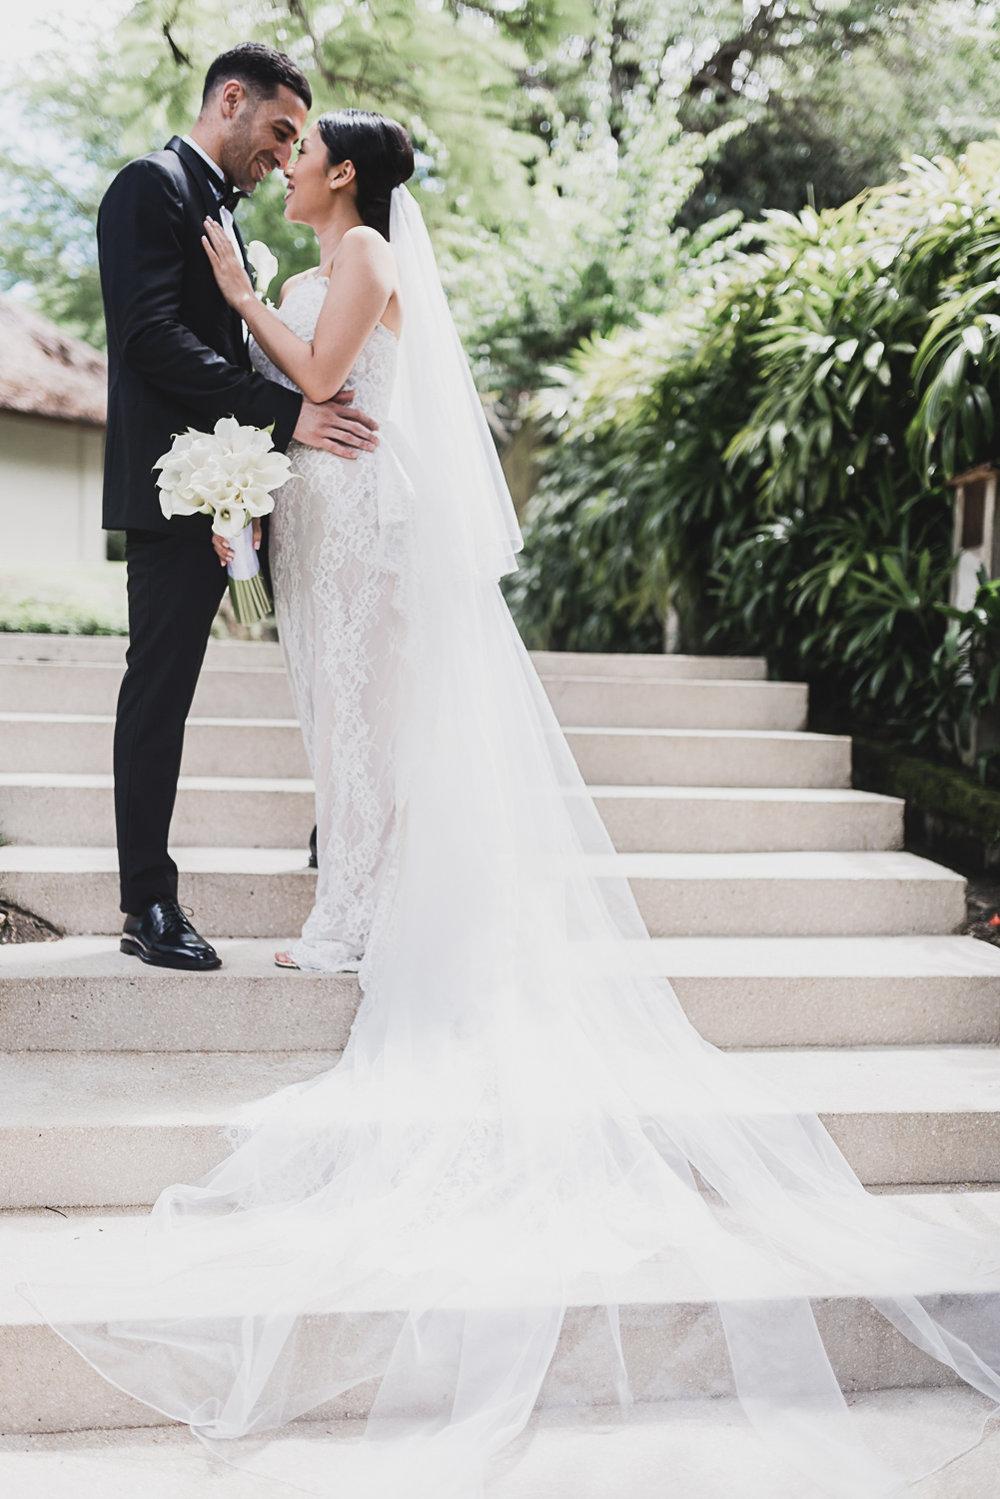 Constantin_Wedding_Bali-60.jpg